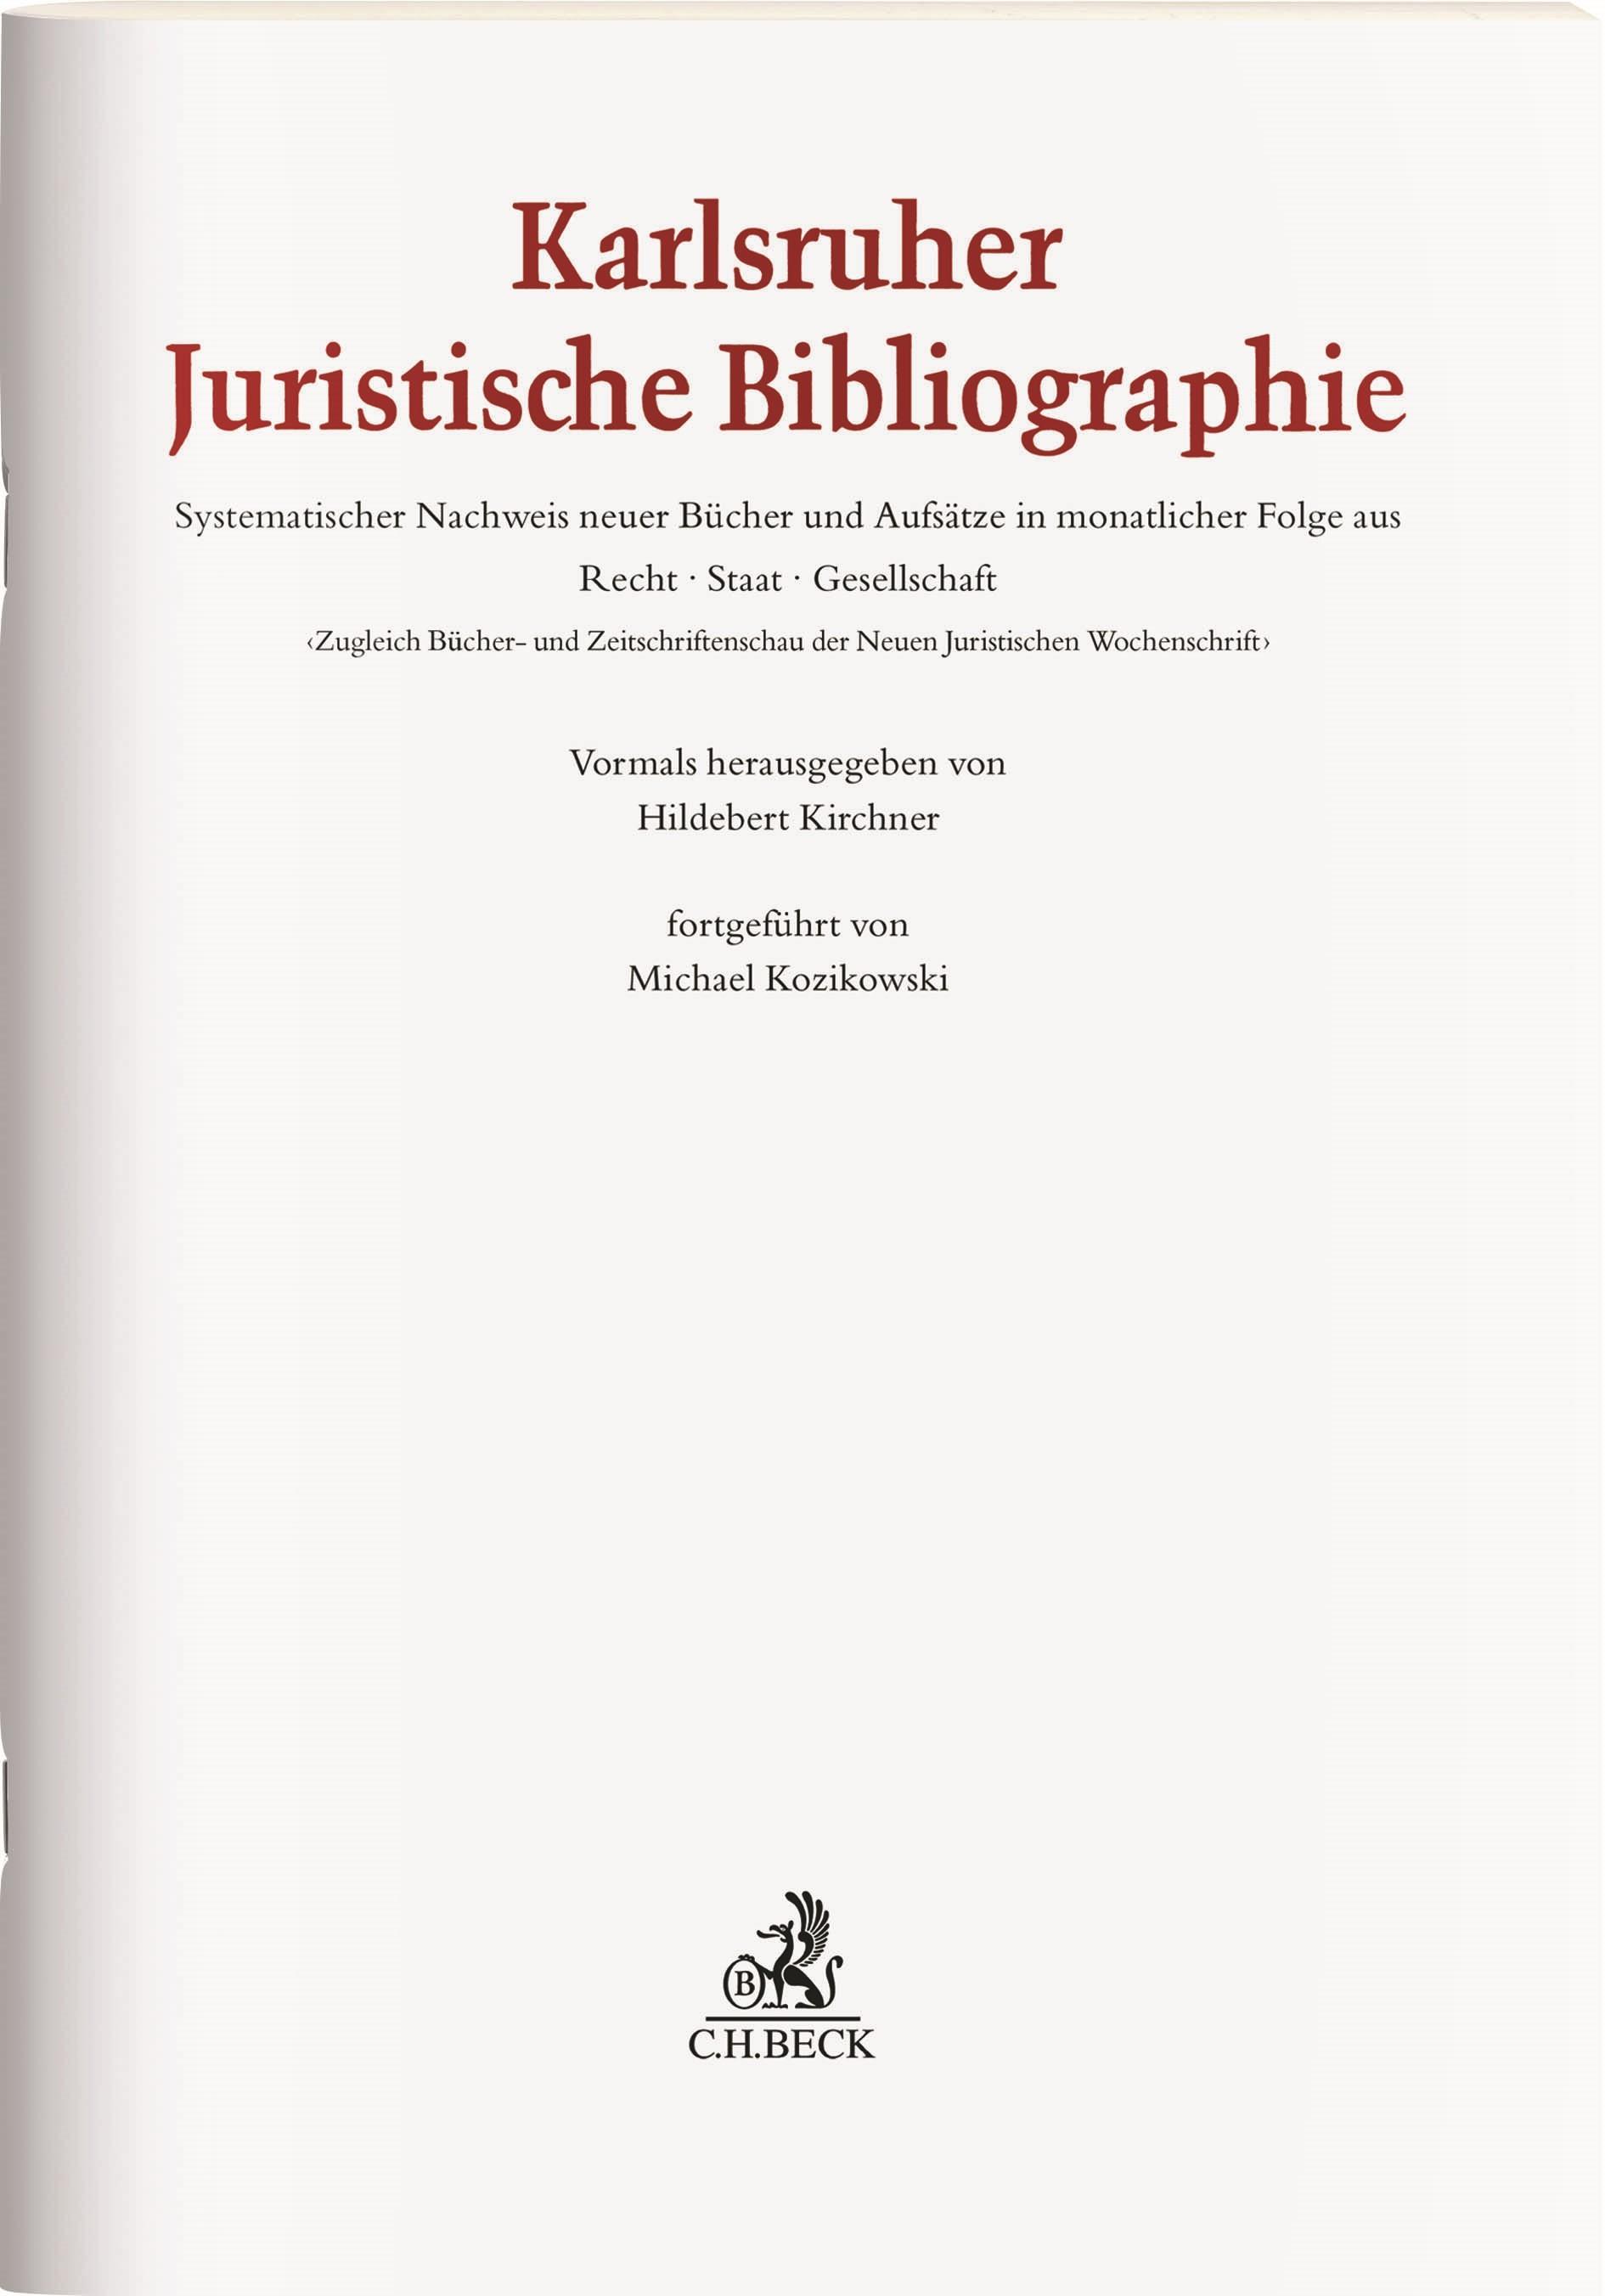 KJB • Karlsruher Juristische Bibliographie (Cover)